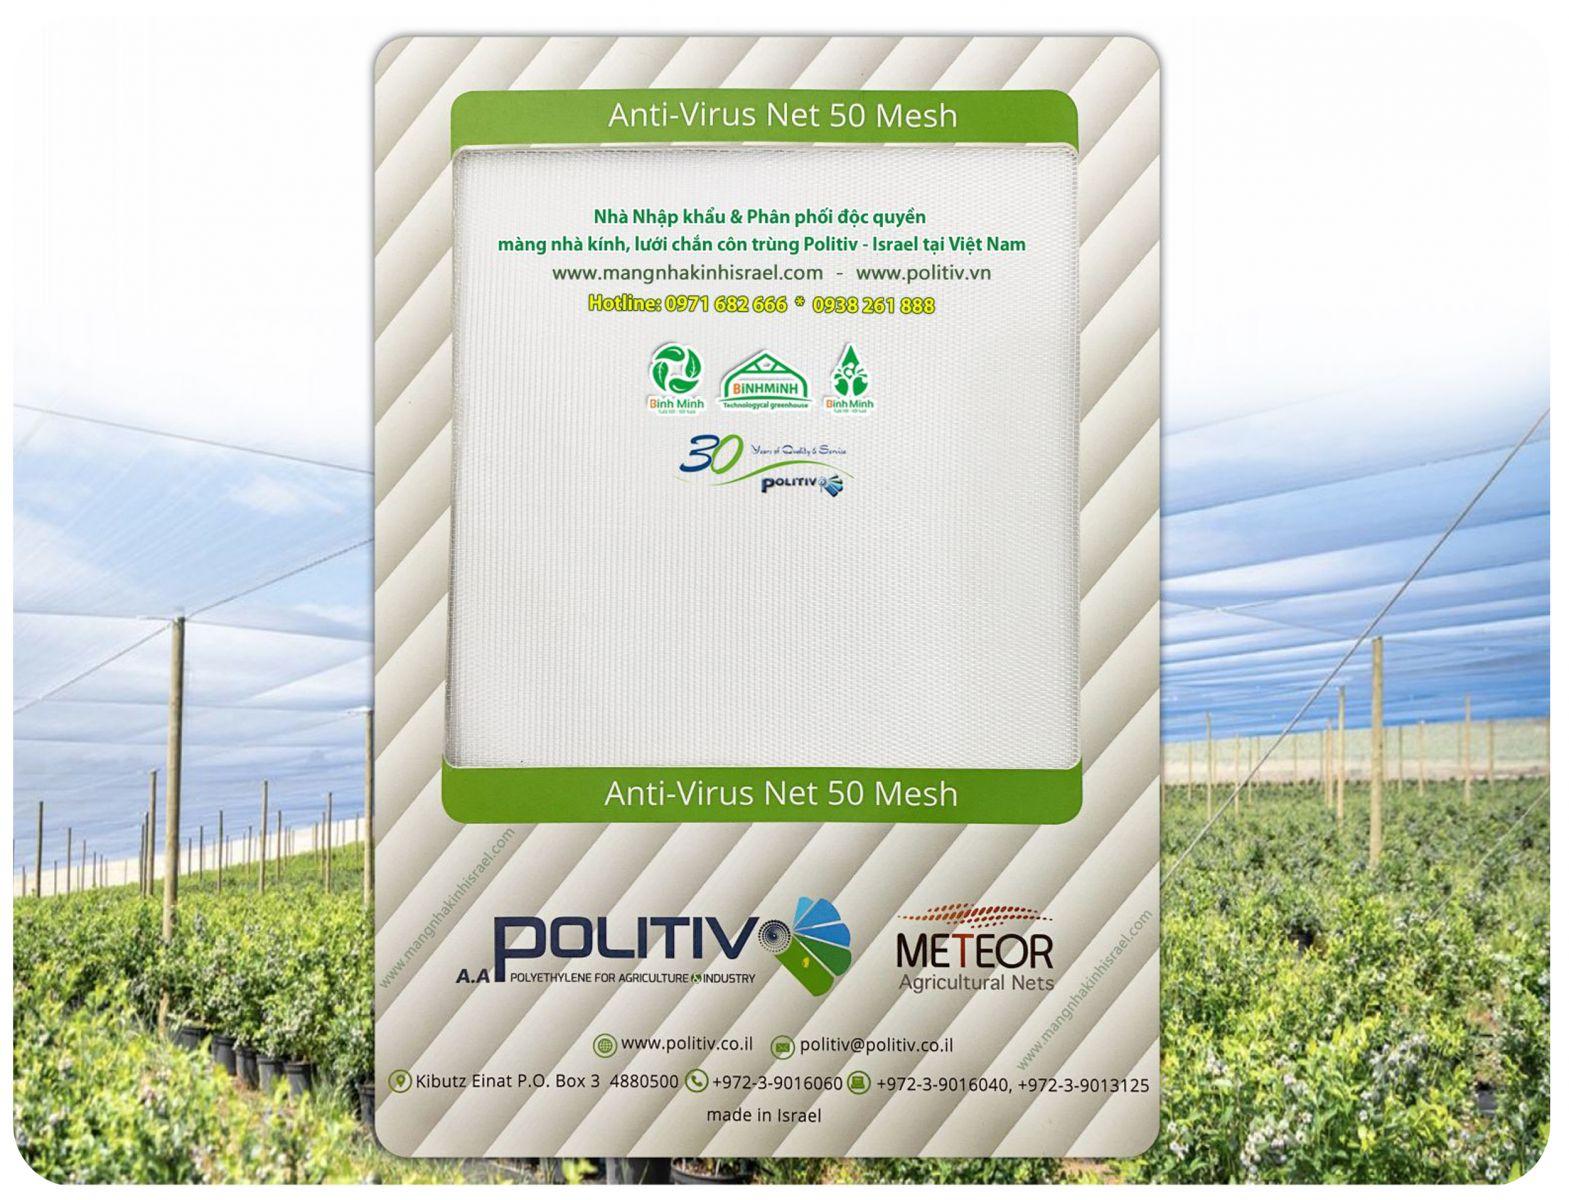 Lưới chắn côn trùng Politiv Israel 3m x 50m (Anti - Virus Net)